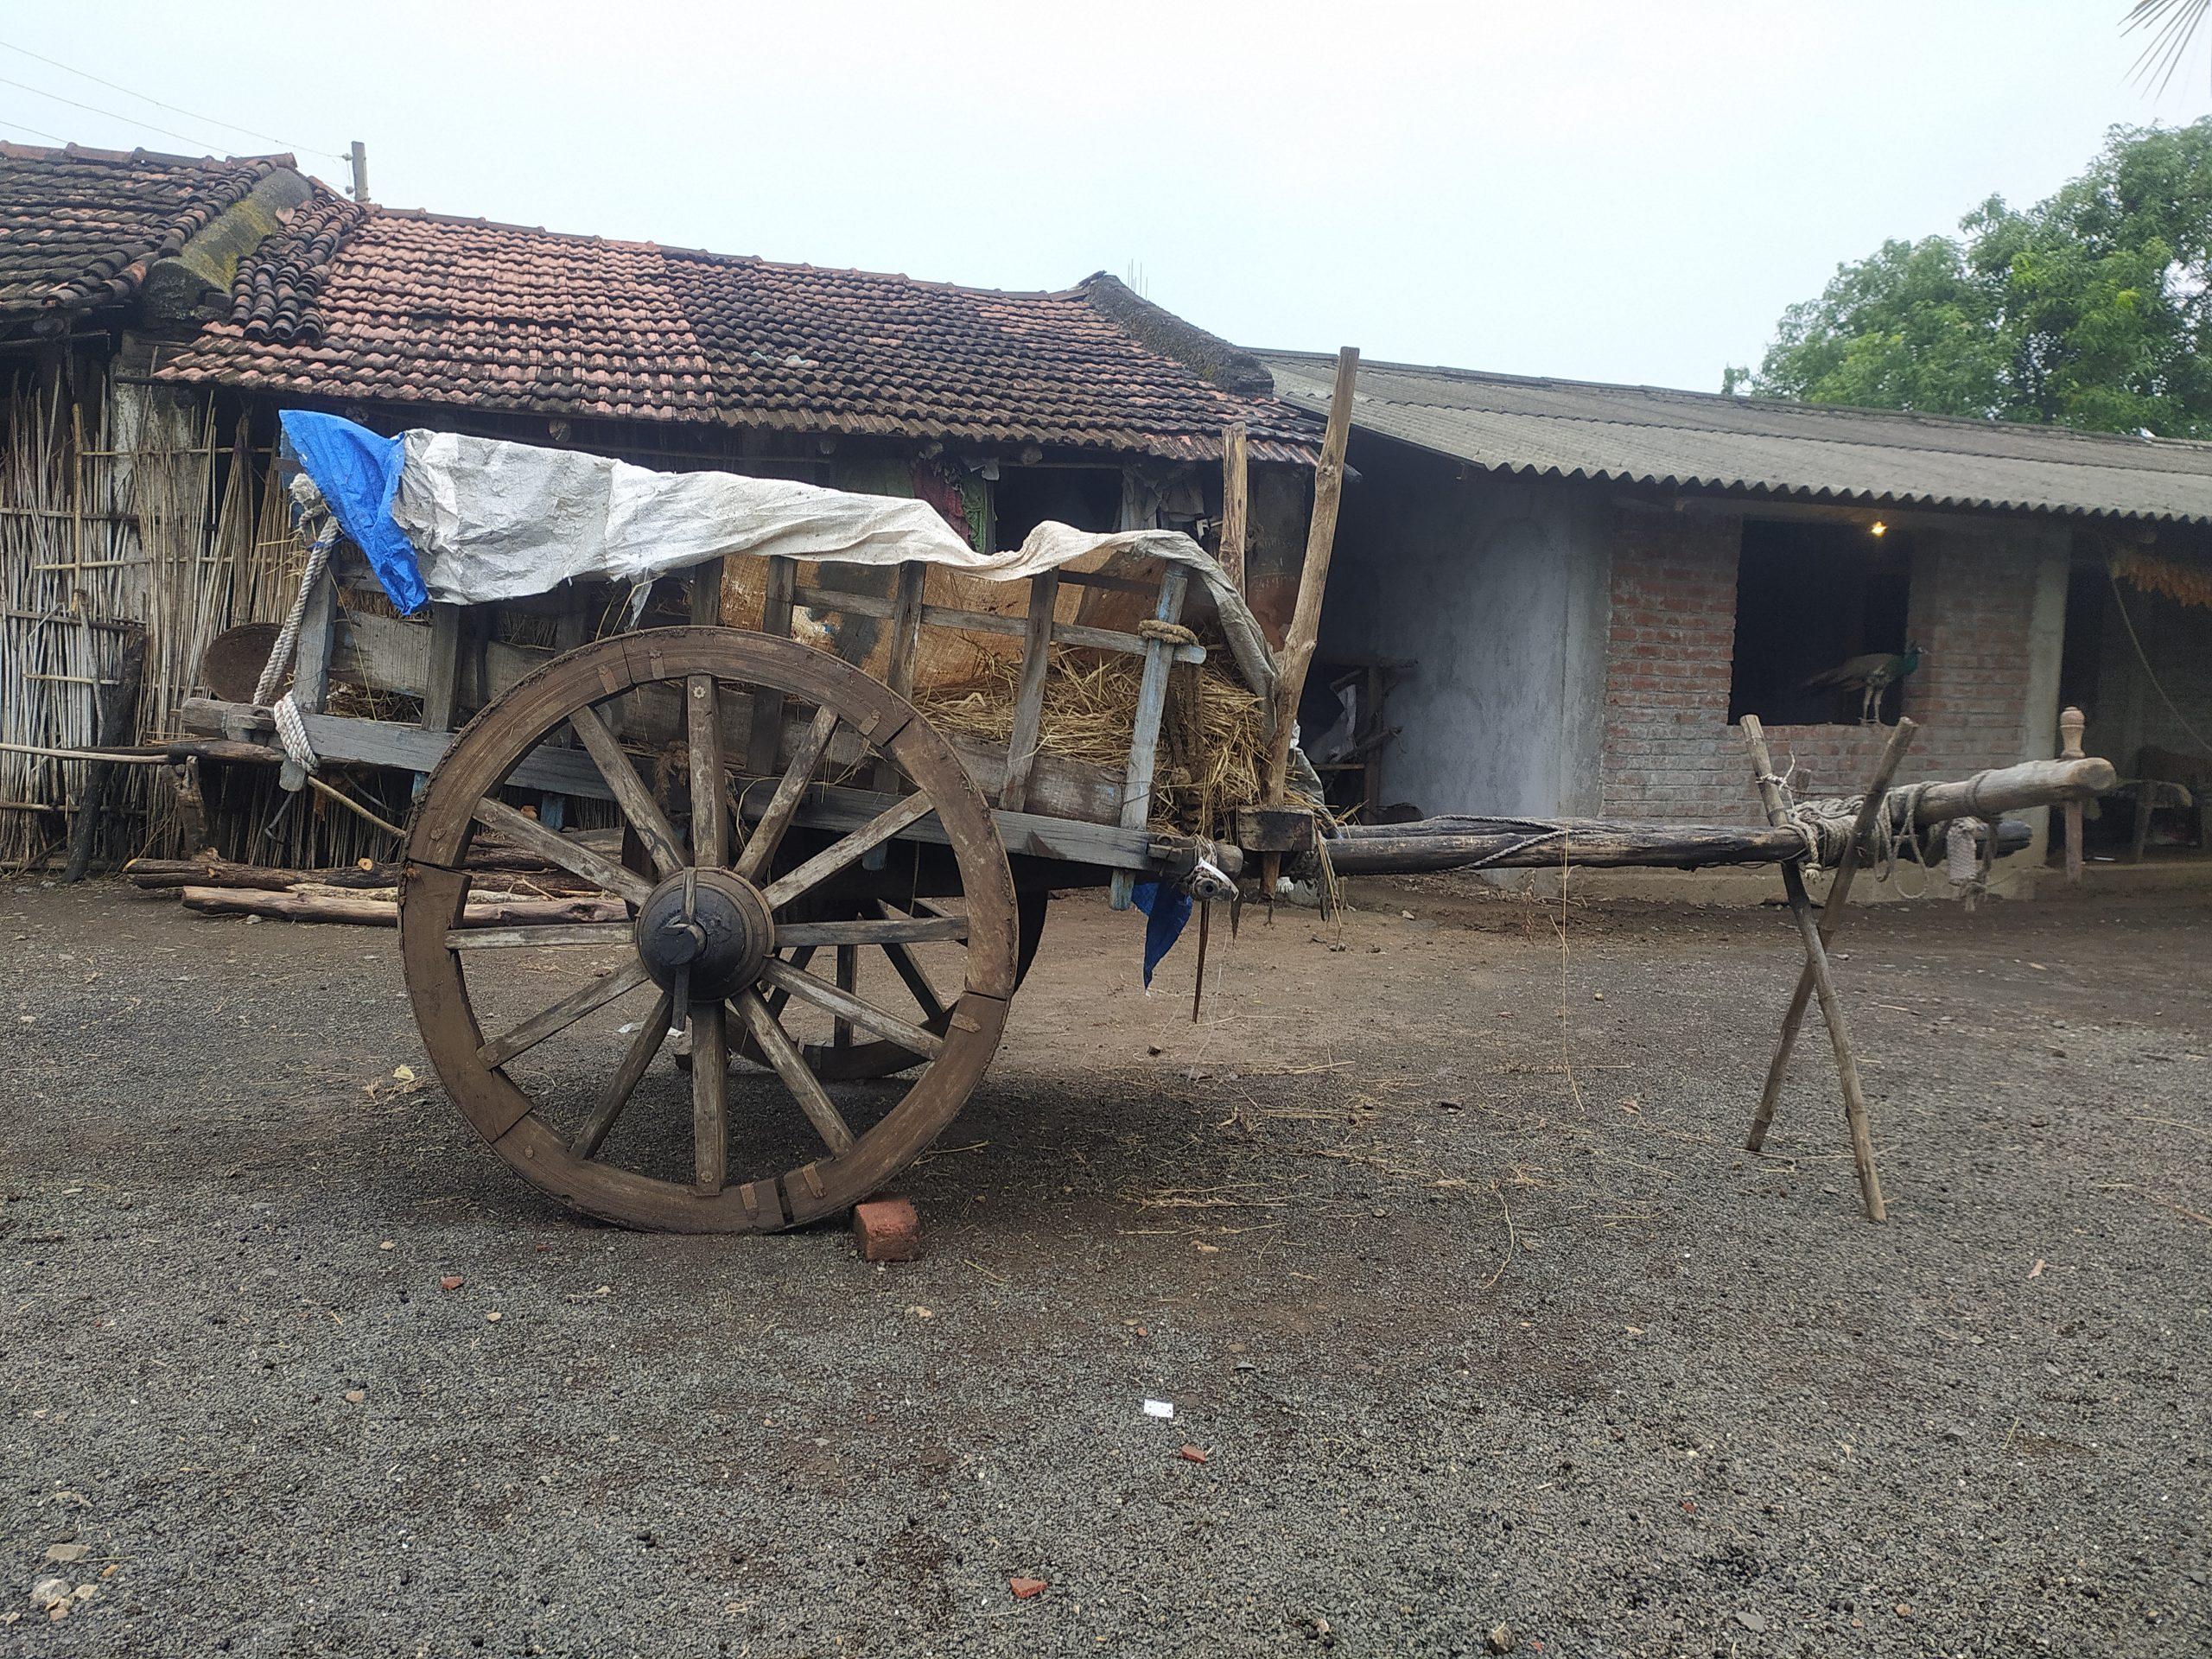 A oxcart